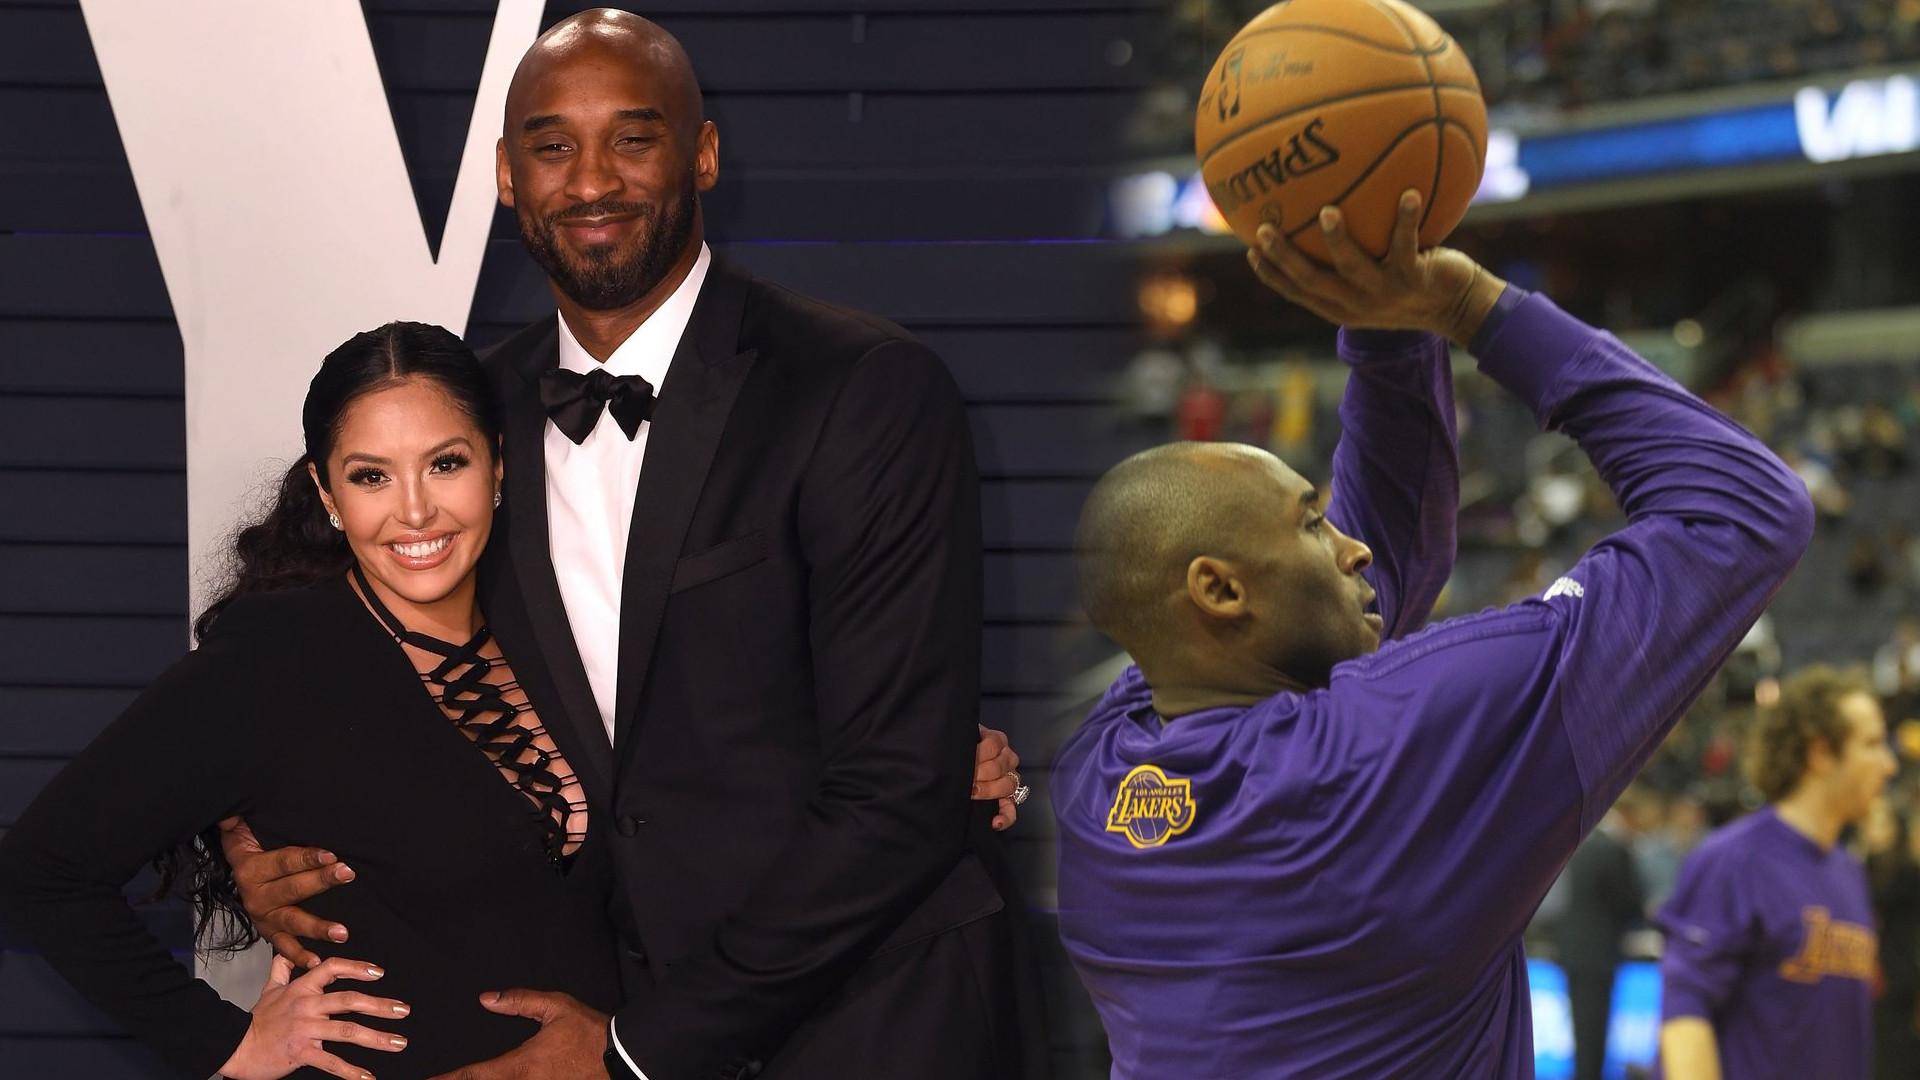 Kim jest Vanessa Bryant – 5 rzeczy, które warto wiedzieć o żonie tragicznie zmarłego koszykarza Kobe Bryant'a